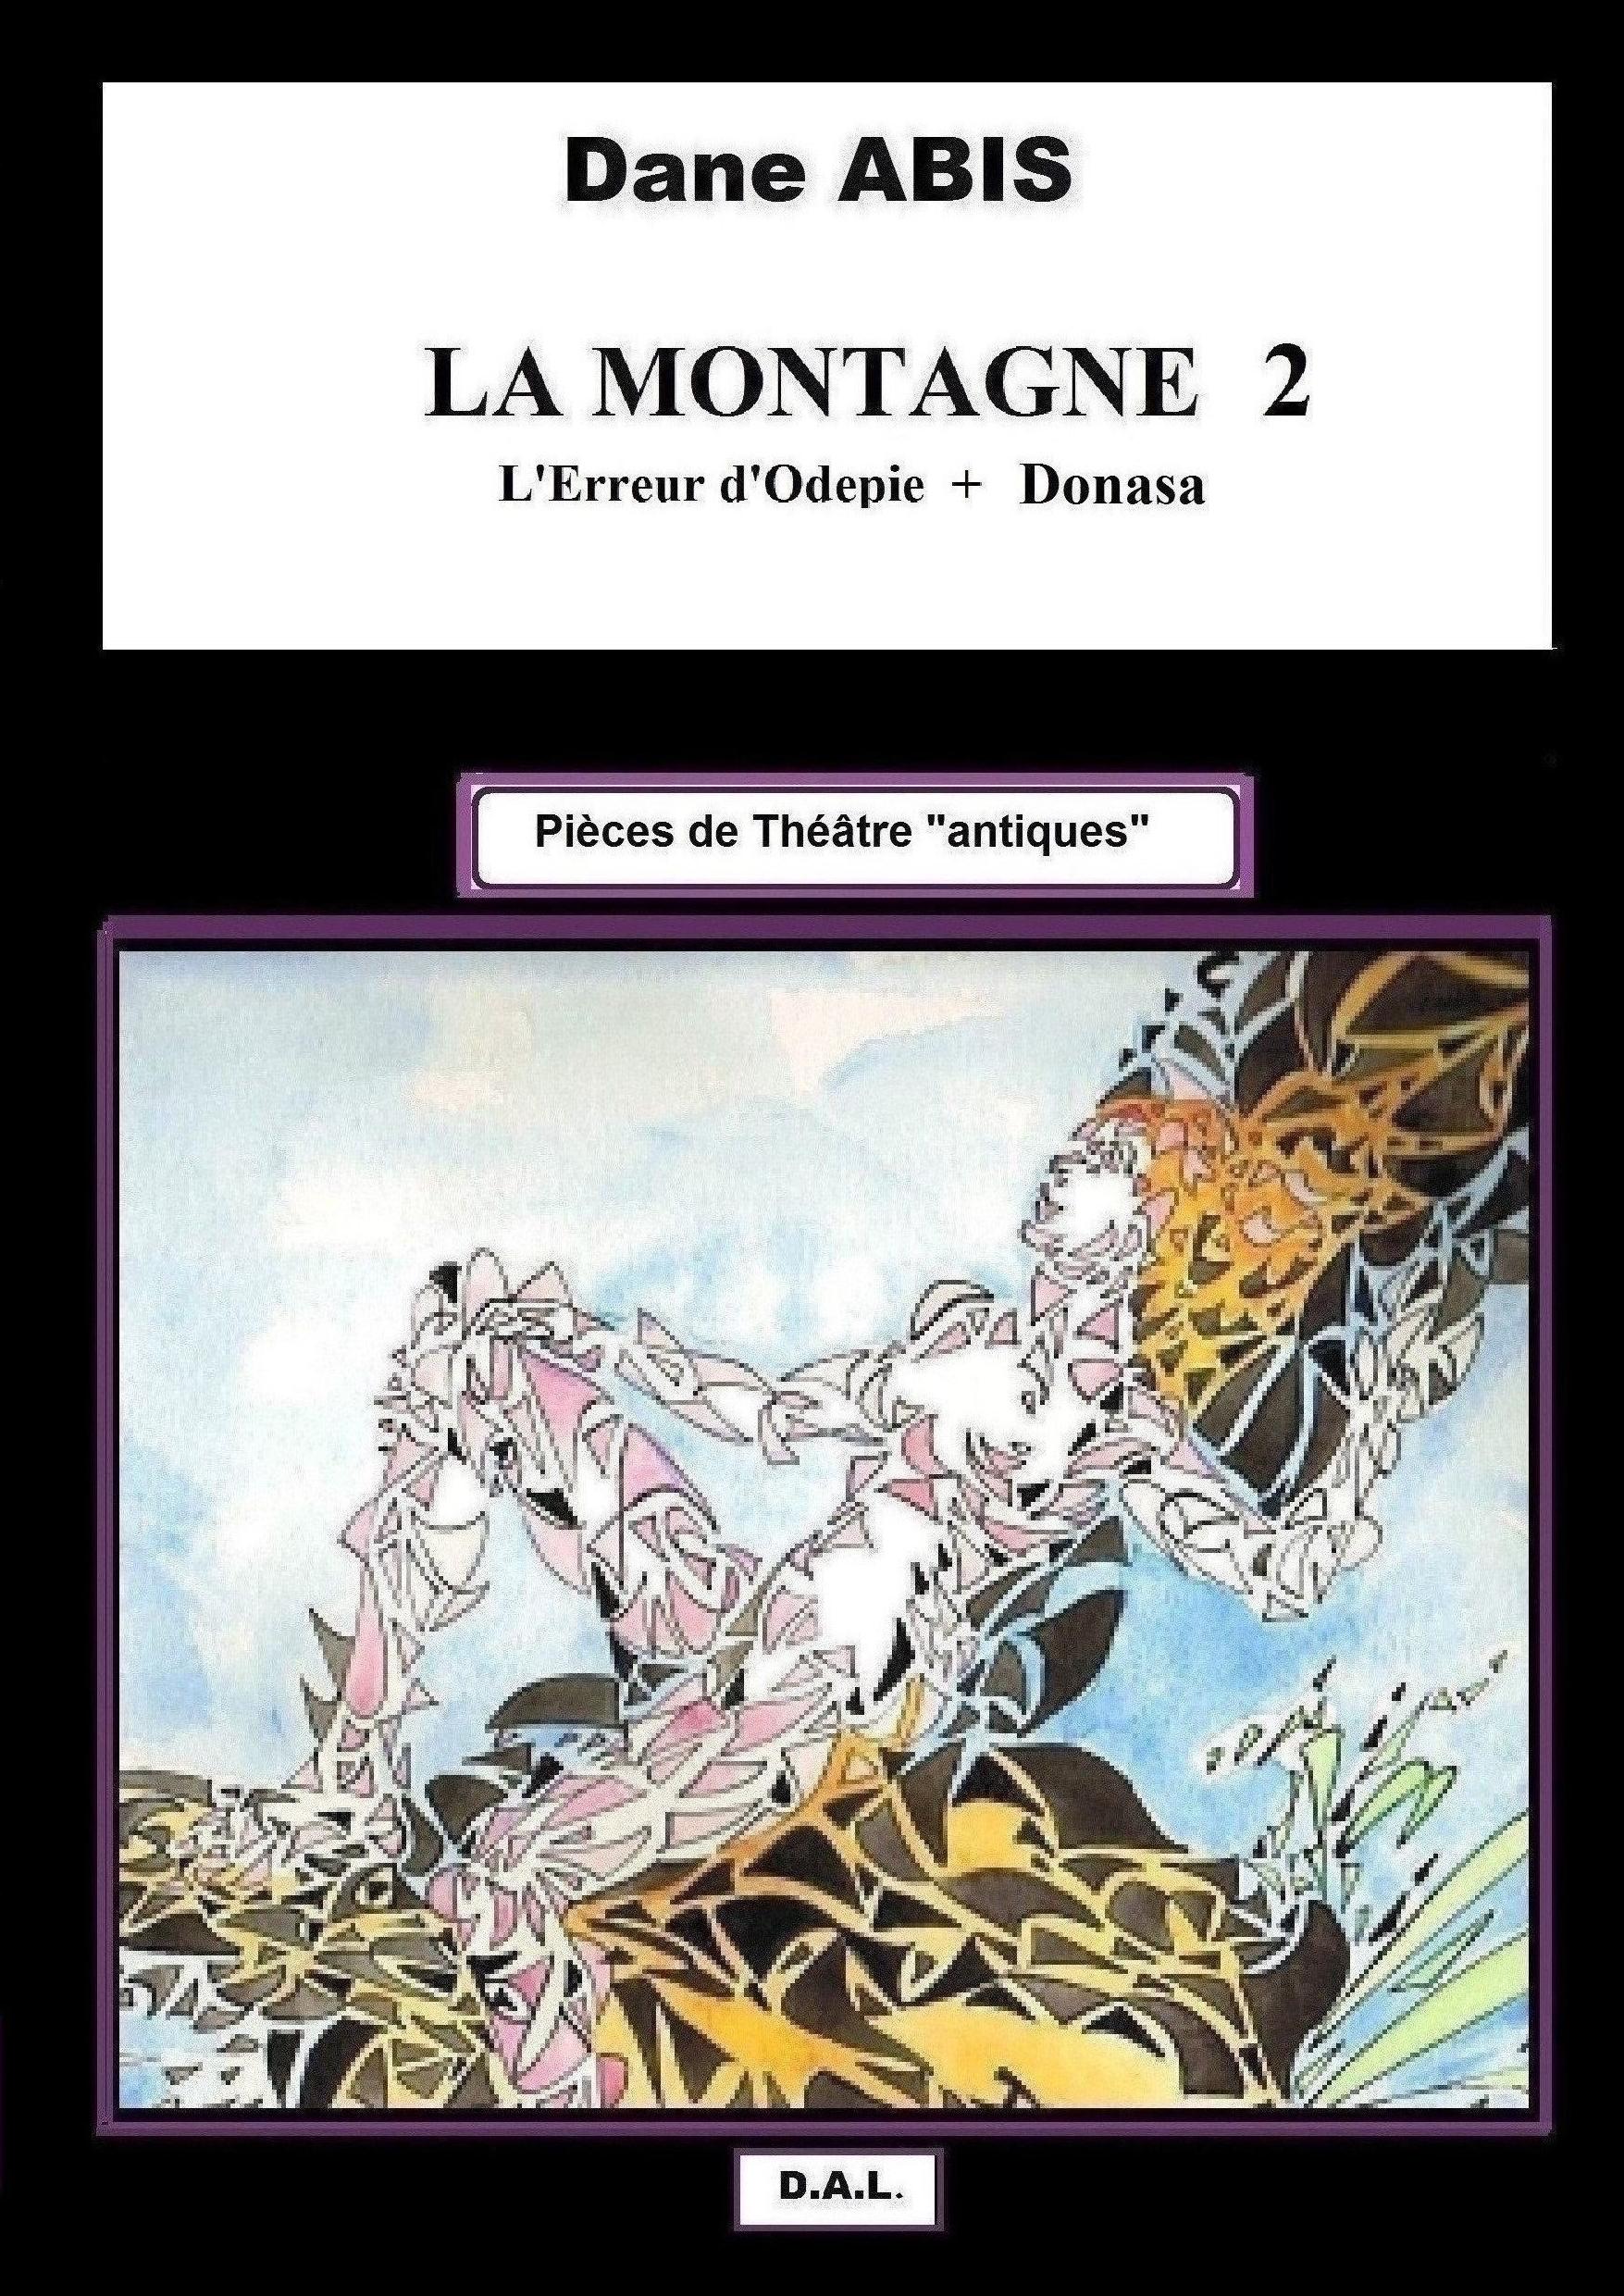 La Montagne2(L'erreur d'Odepie+Donasa)